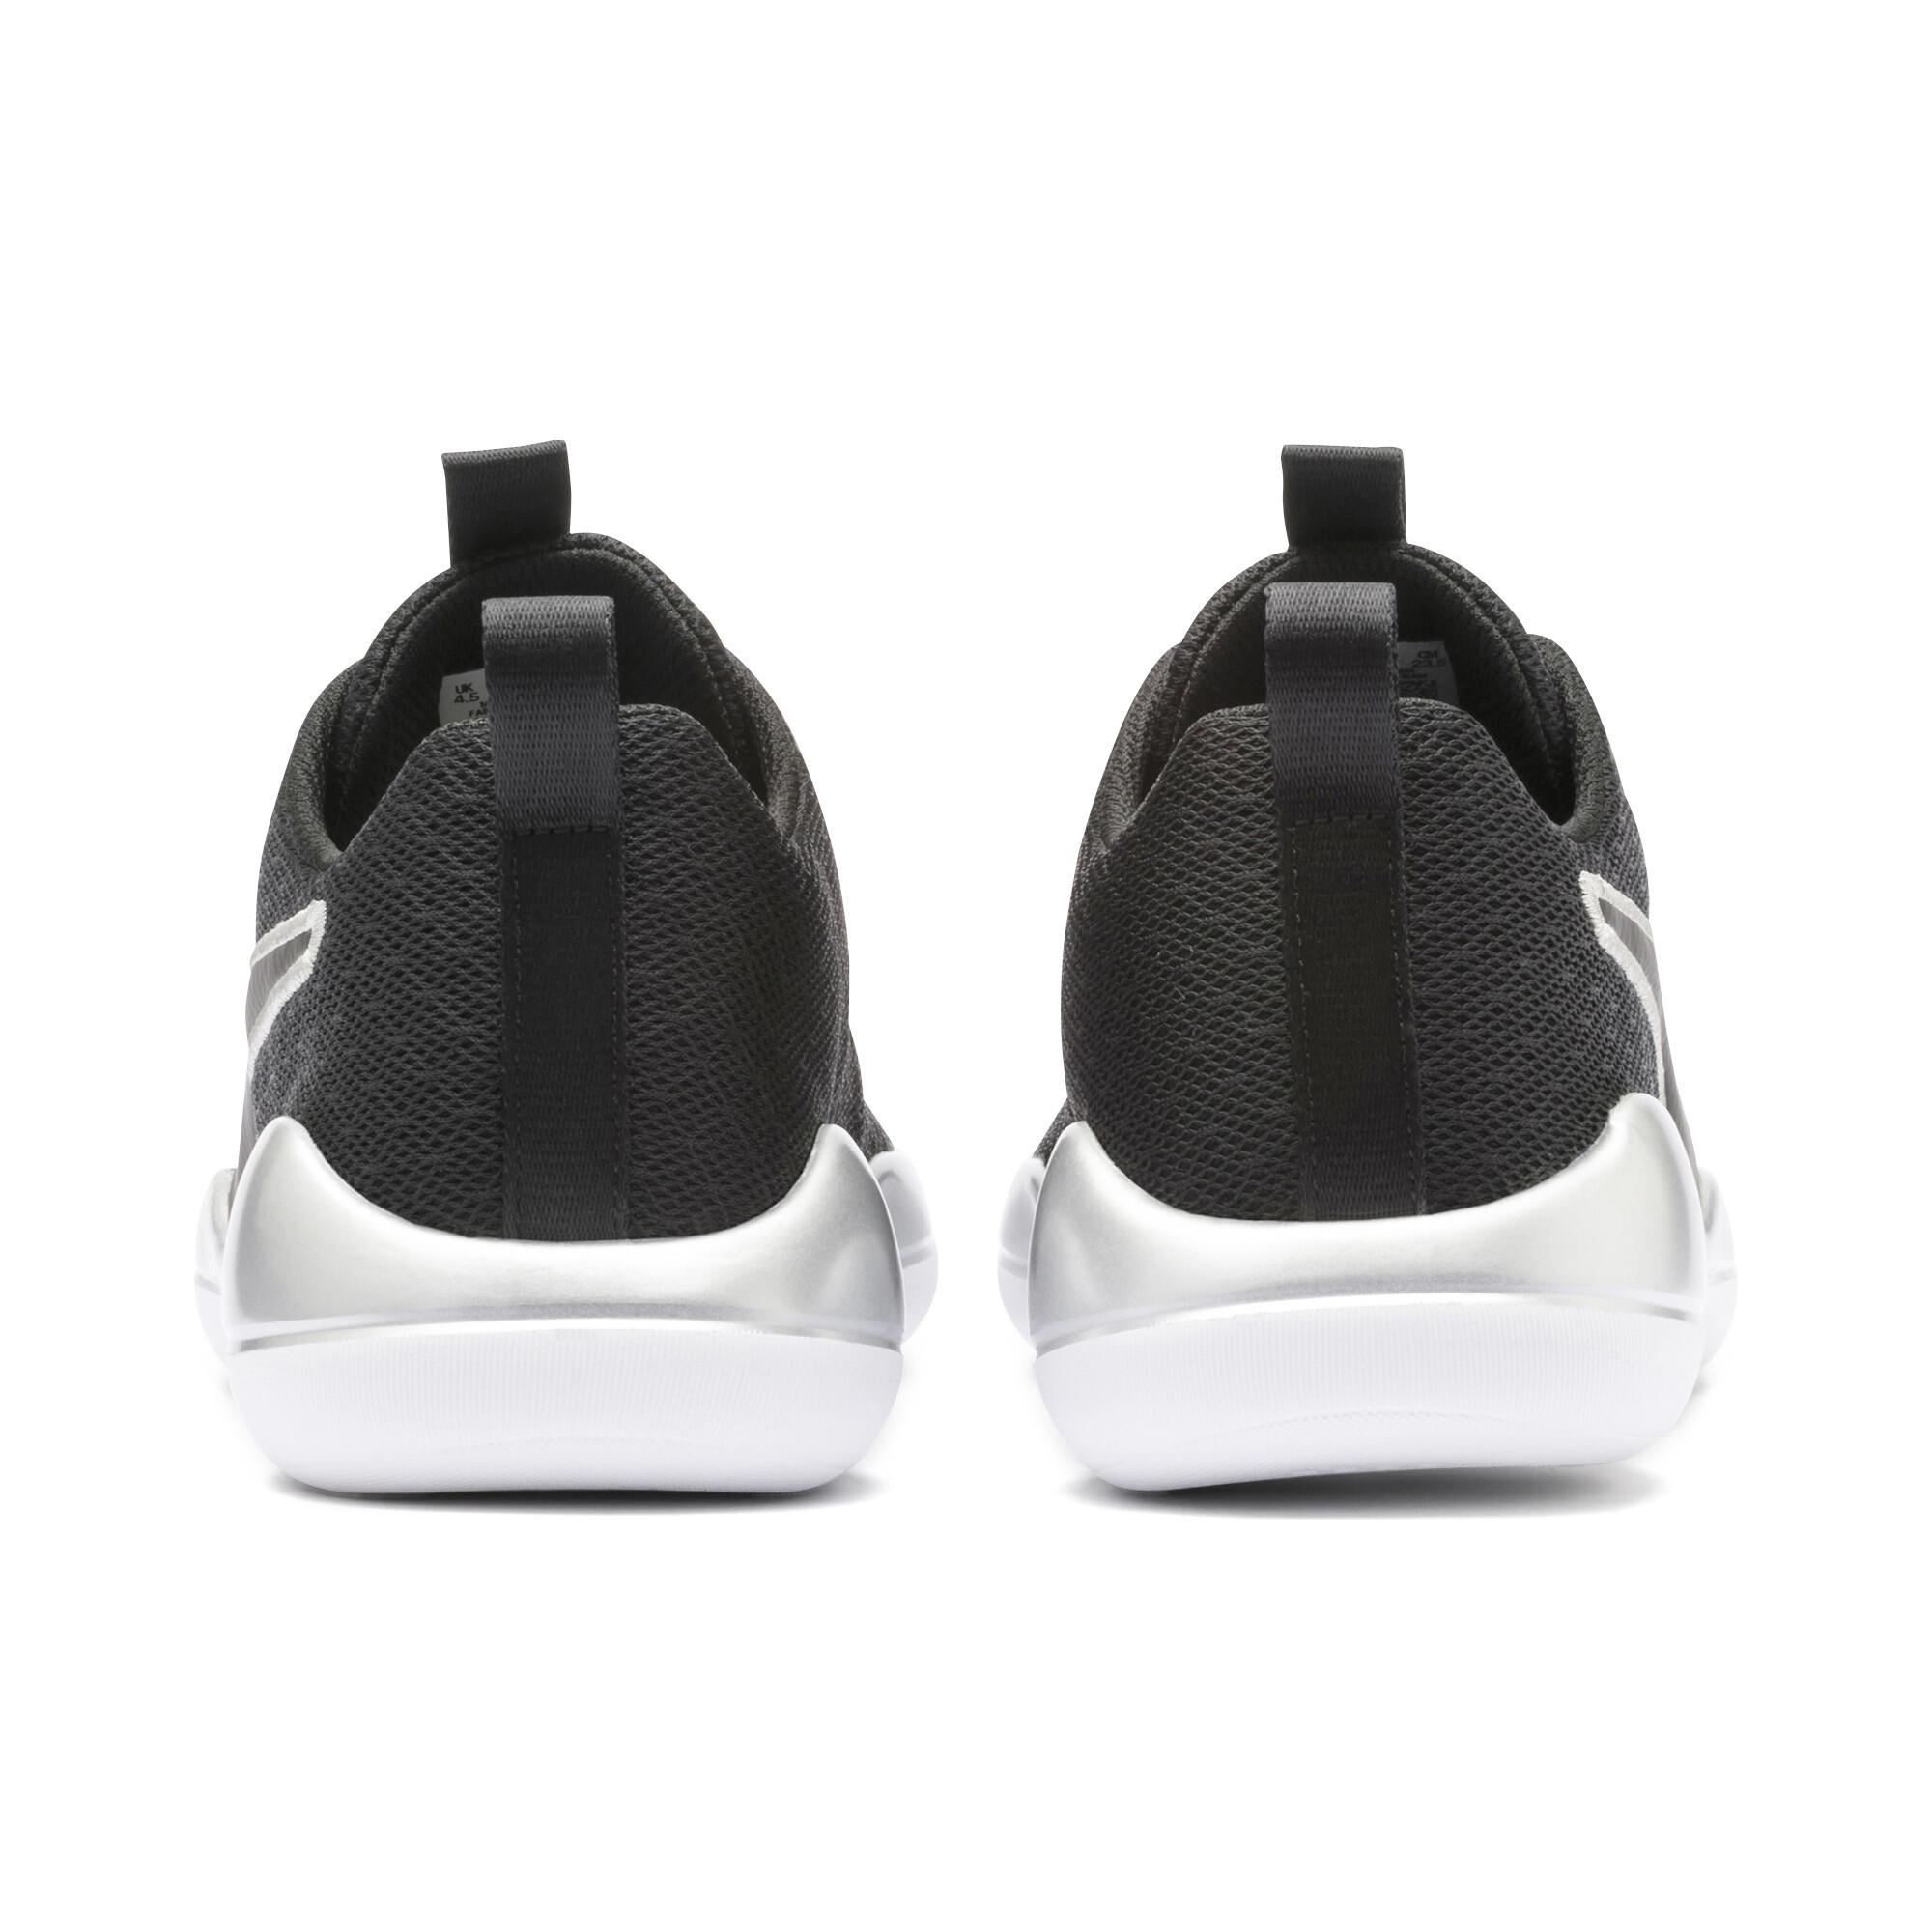 PUMA-Flourish-FS-Women-039-s-Training-Shoes-Women-Shoe-Training thumbnail 24